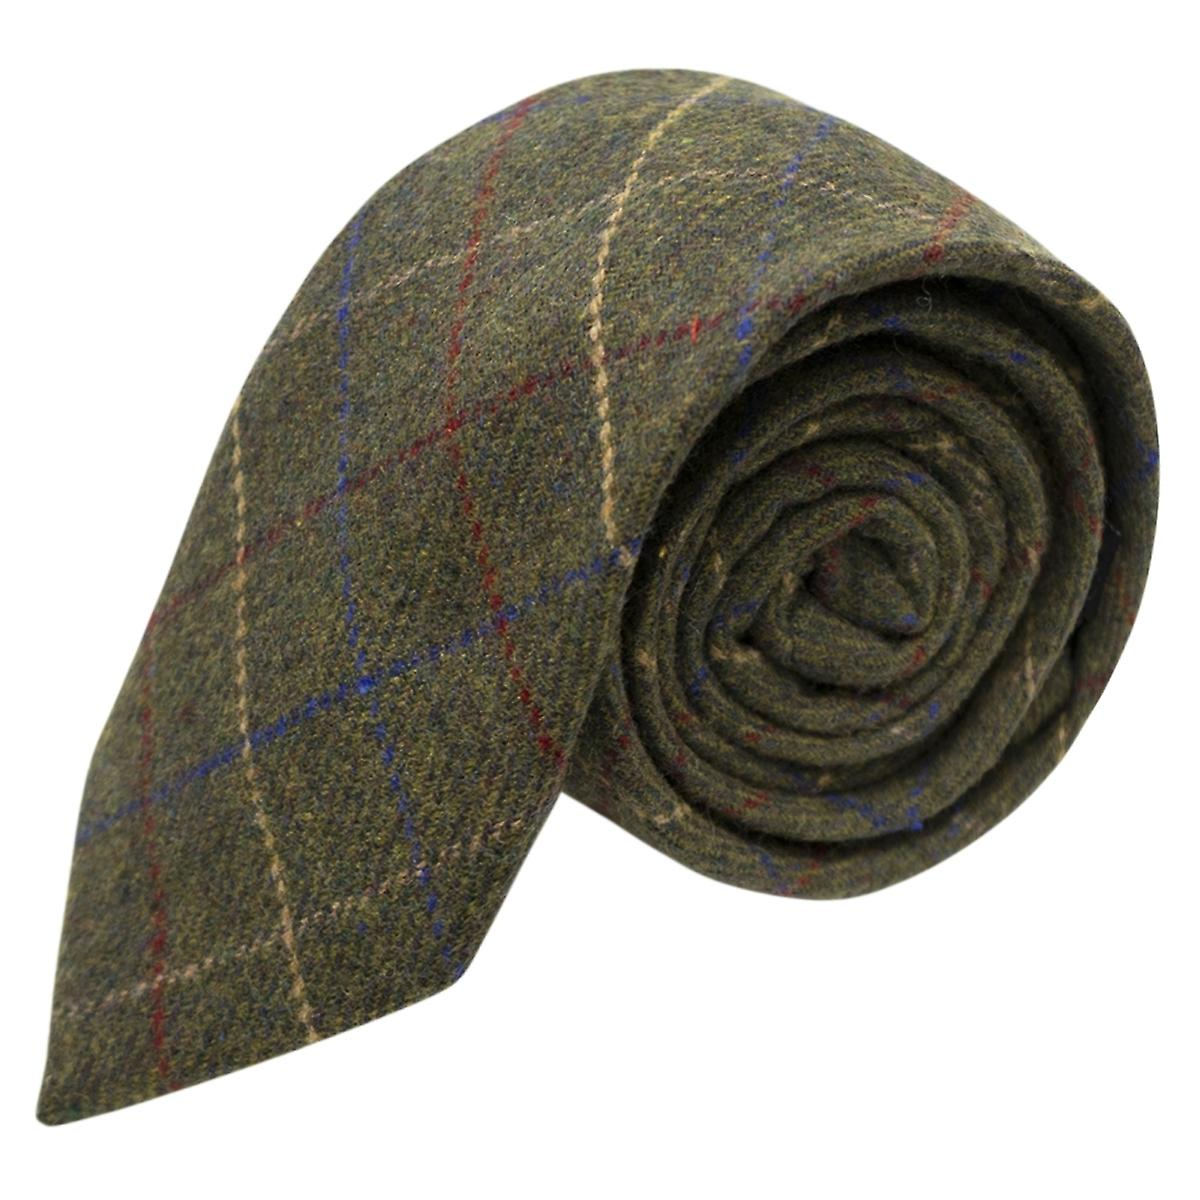 Heritage Check Regency Green Tie, Tweed, Mens Necktie